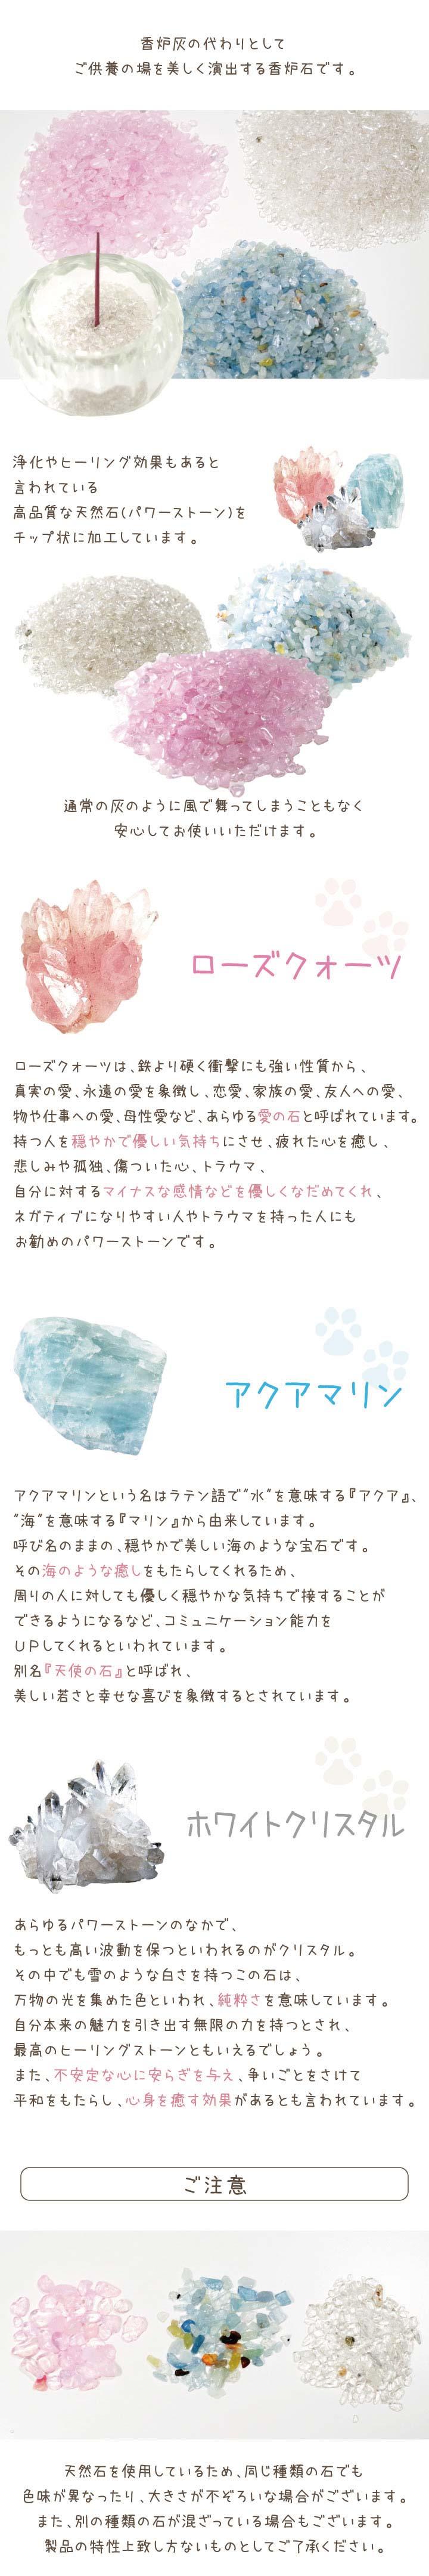 かわいいペットの供養にぴったりな天然石の香炉灰(香炉石)